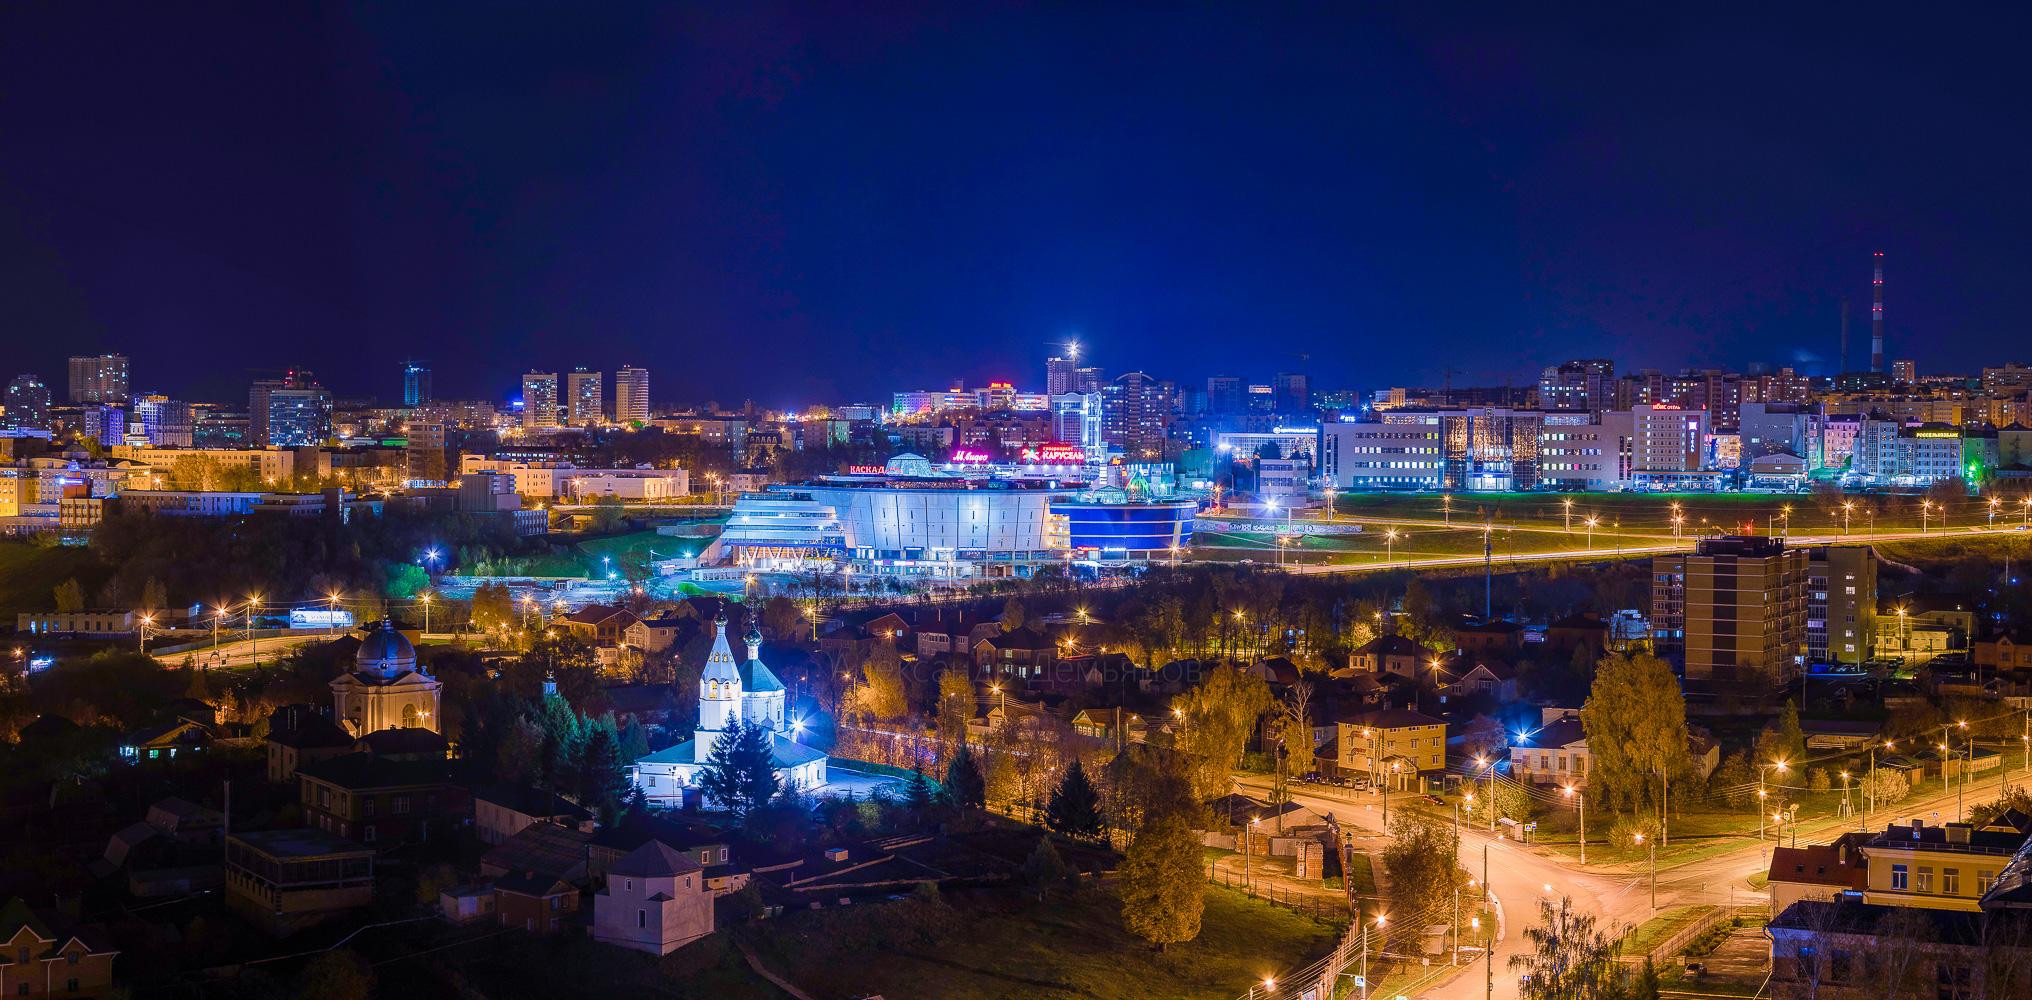 Чебоксарский Спасо-Преображенский женский монастырь Осень 2019